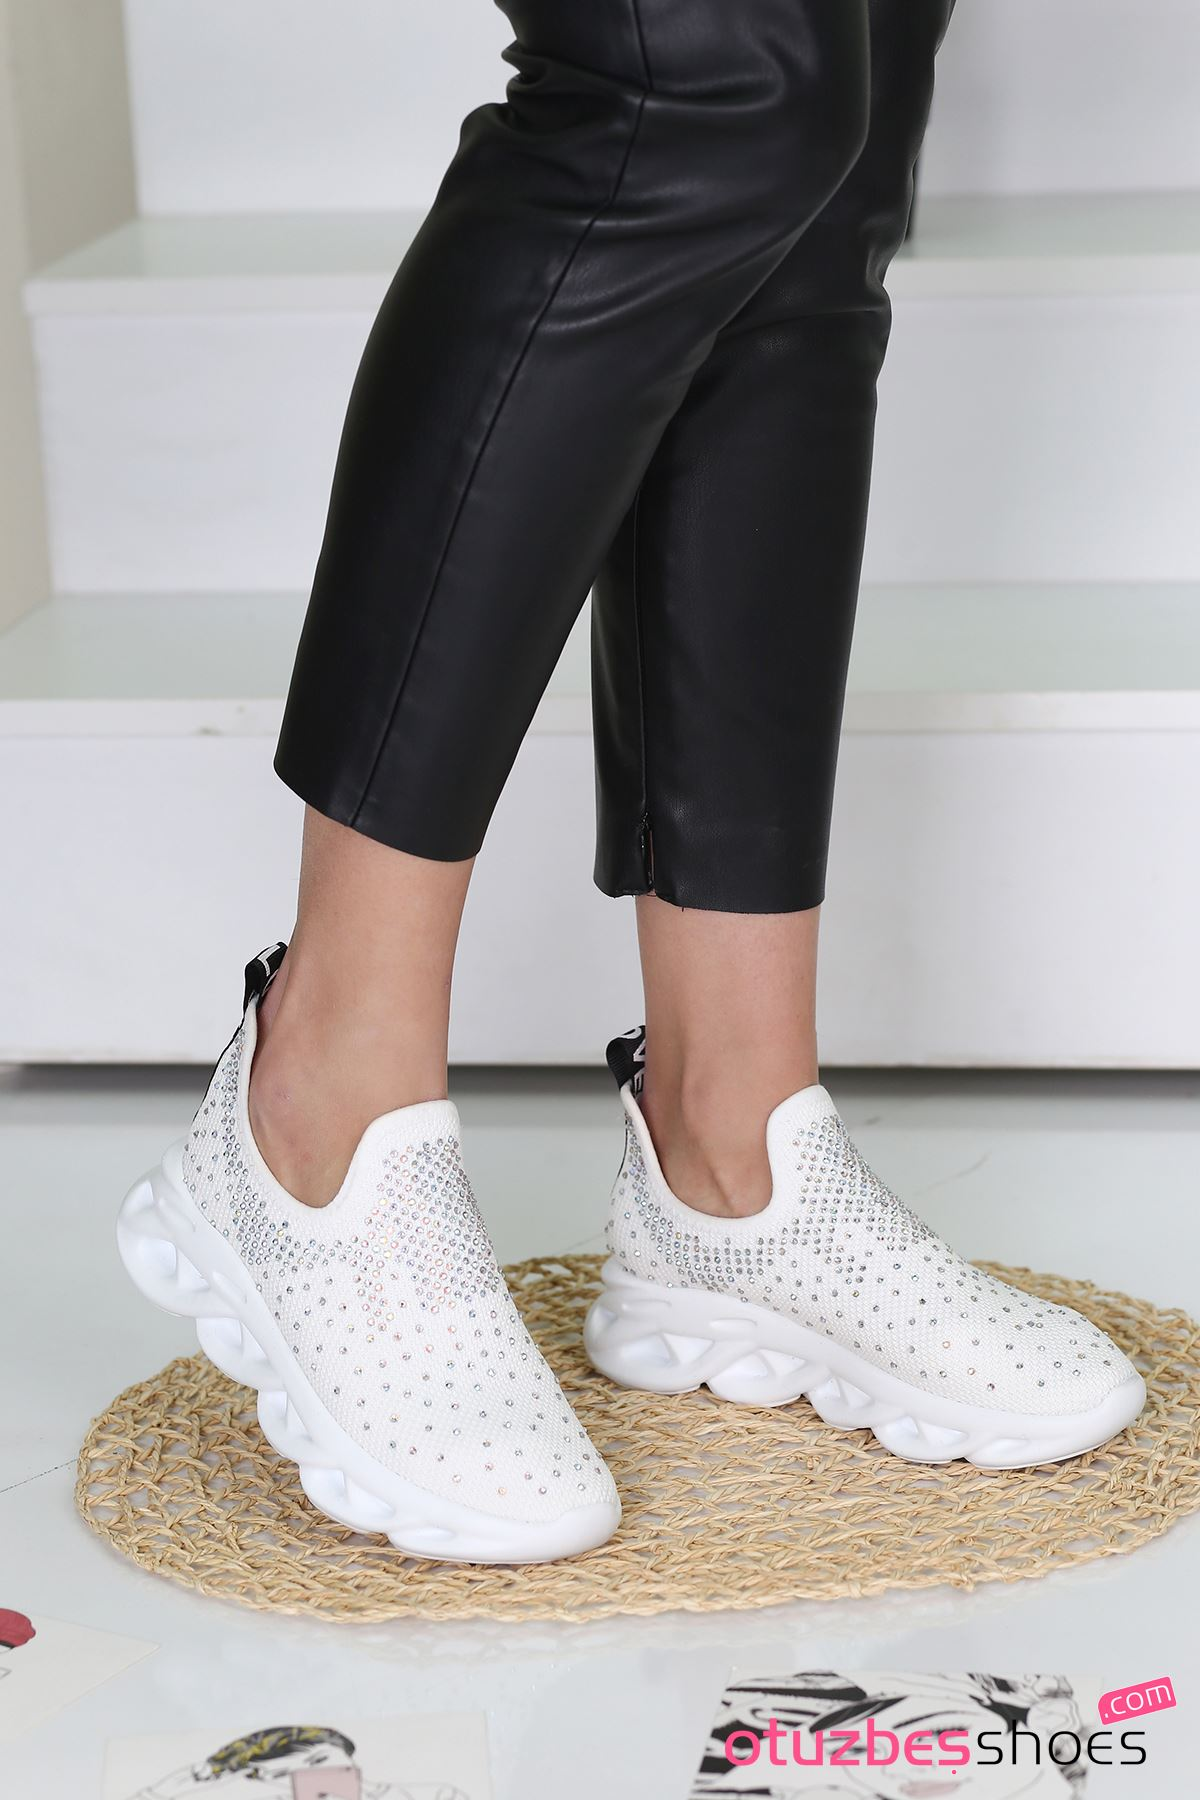 Halley Taş Detay Triko Spor Ayakkabı Beyaz